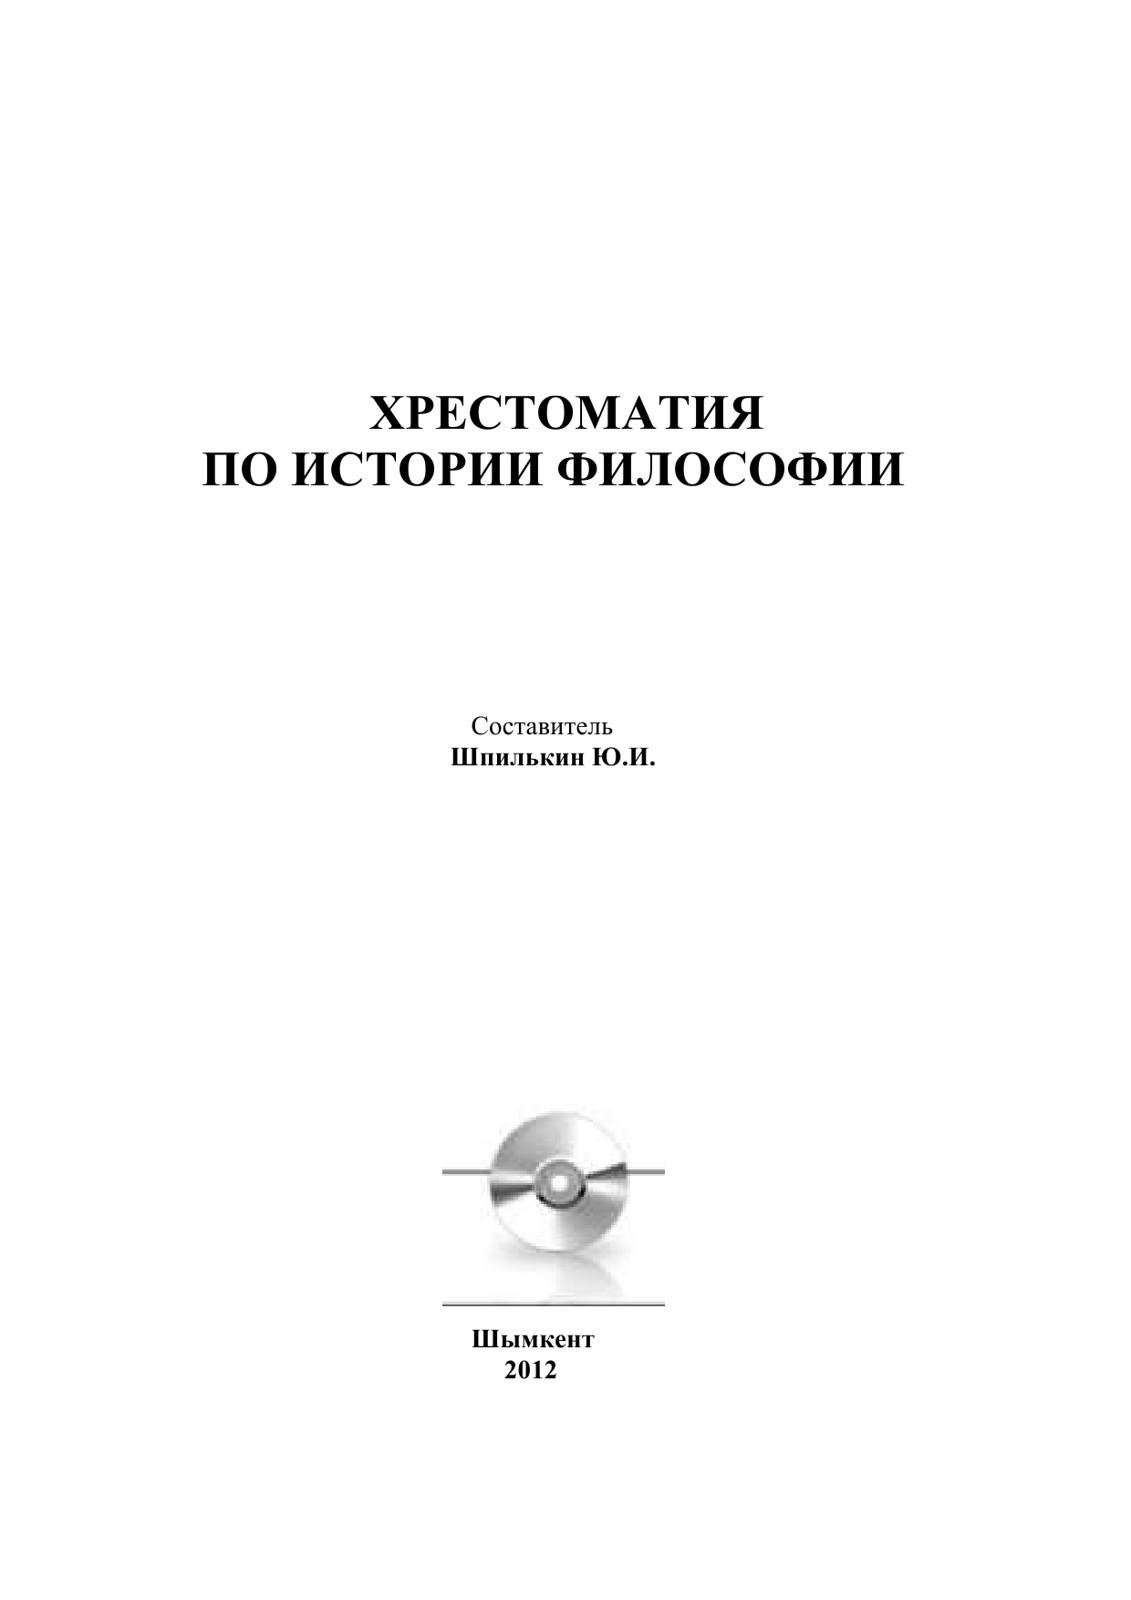 Книги по философии для начинающих - cd573